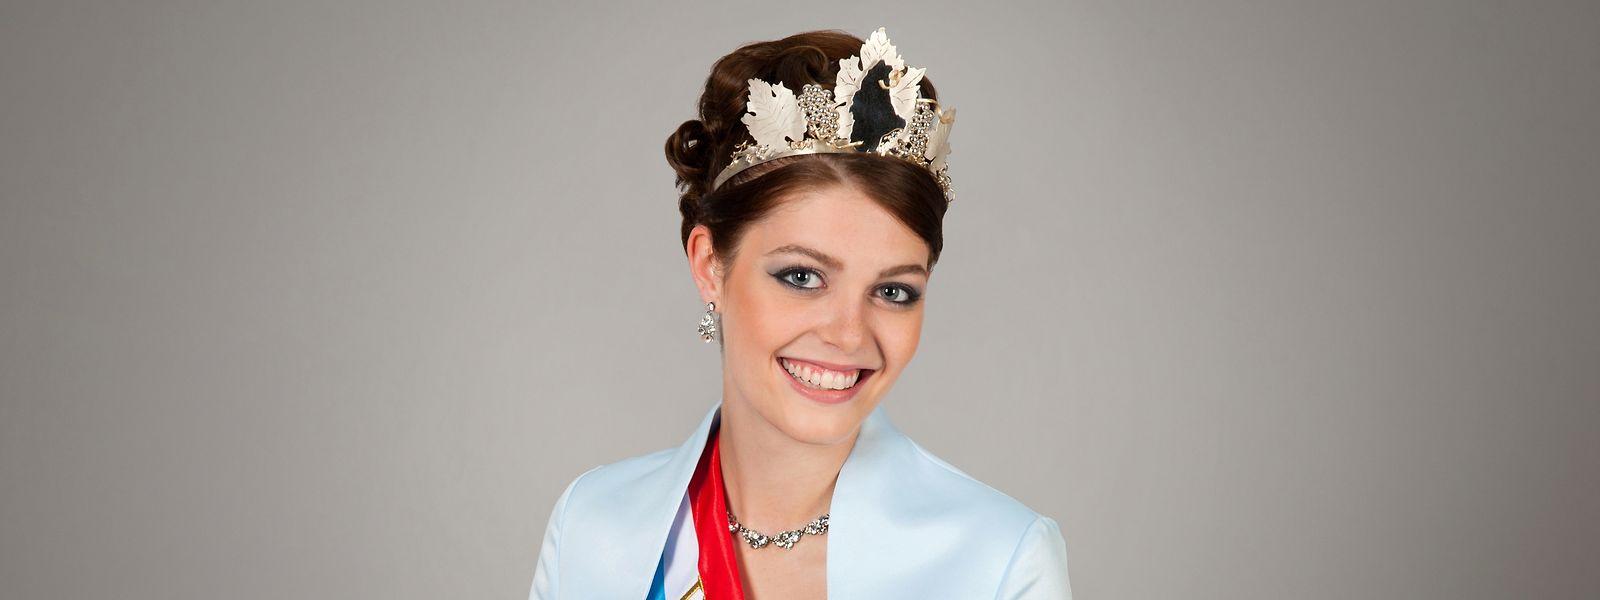 Sophie Schons wird in den nächsten zwölf Monaten als Weinkönigin das Großherzogtum und die Luxemburger Mosel vertreten.